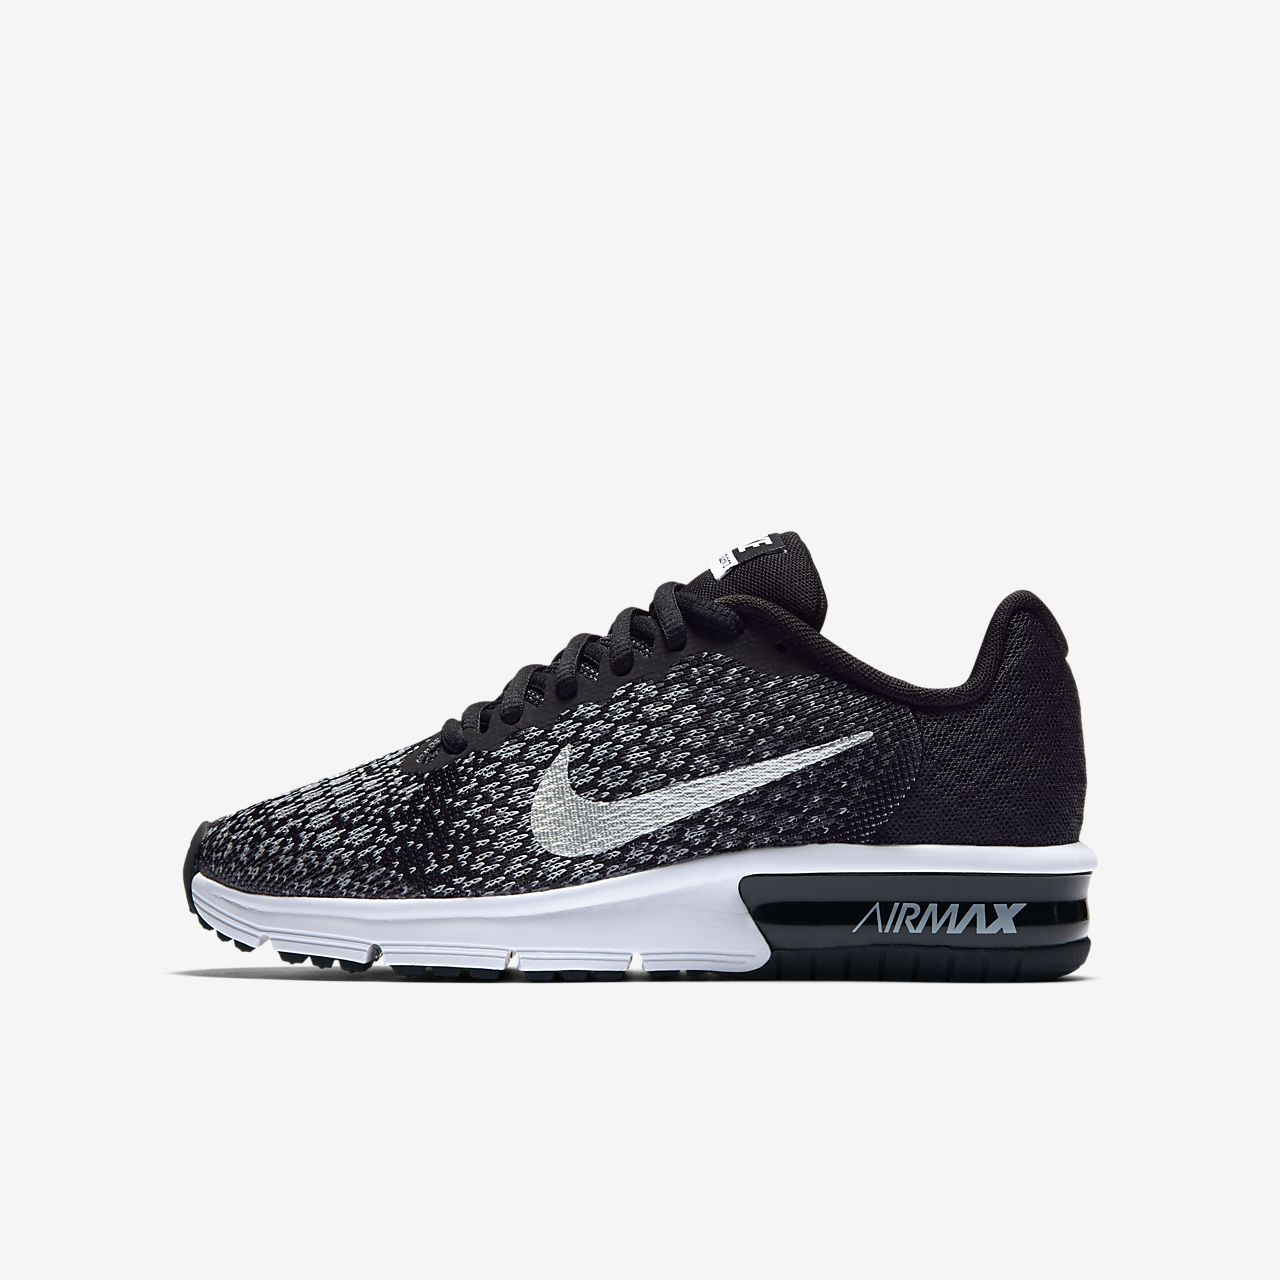 Sapatilhas de running Nike Air Max Sequent 2 Júnior